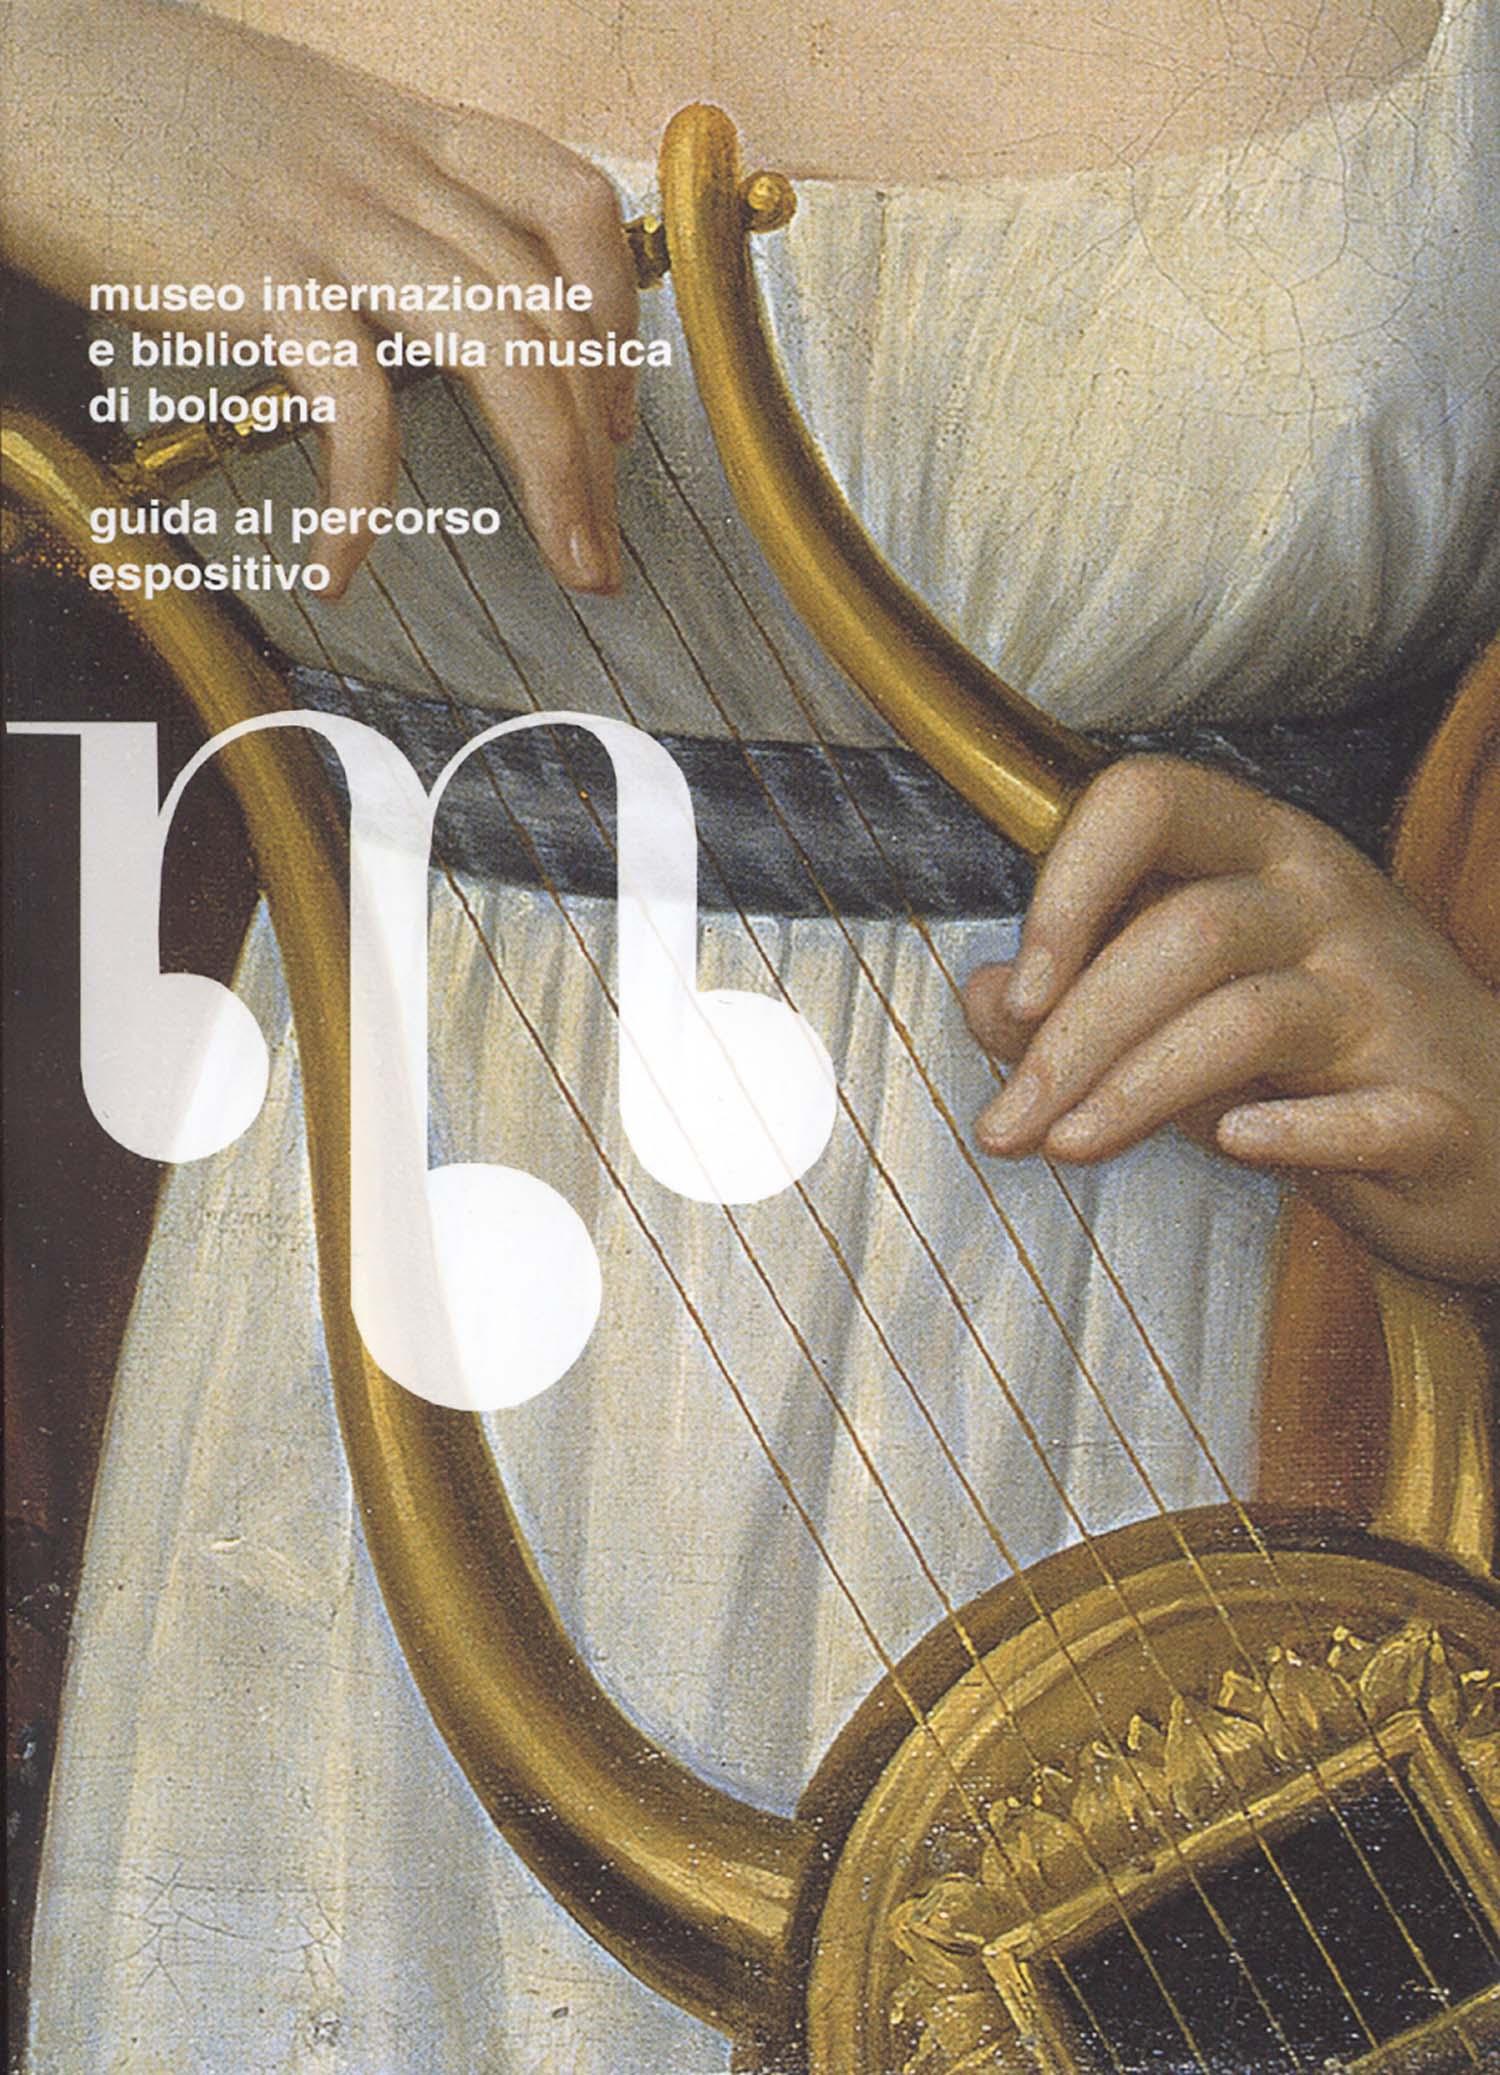 Museo-internazionale-e-biblioteca-della-musica-Bologna